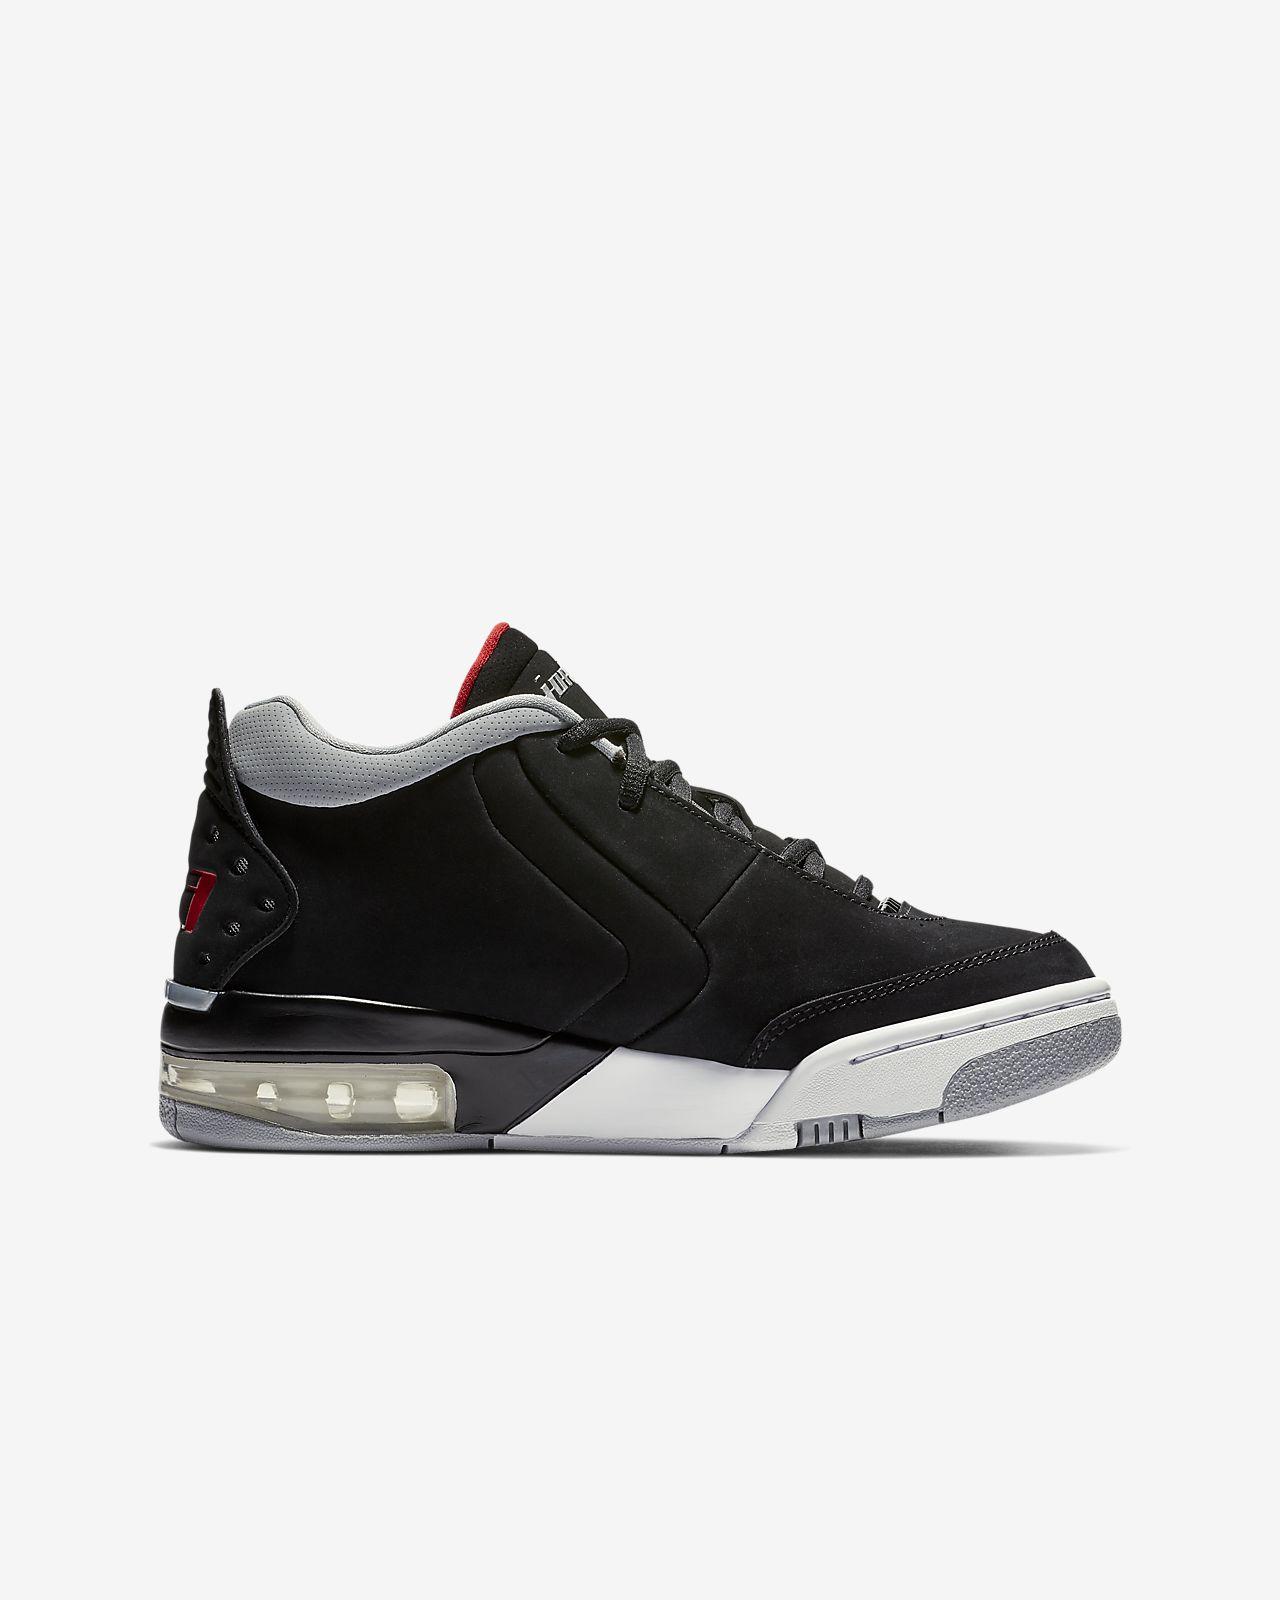 9103bd4467f Bota Jordan Big Fund pro větší děti. Nike.com CZ